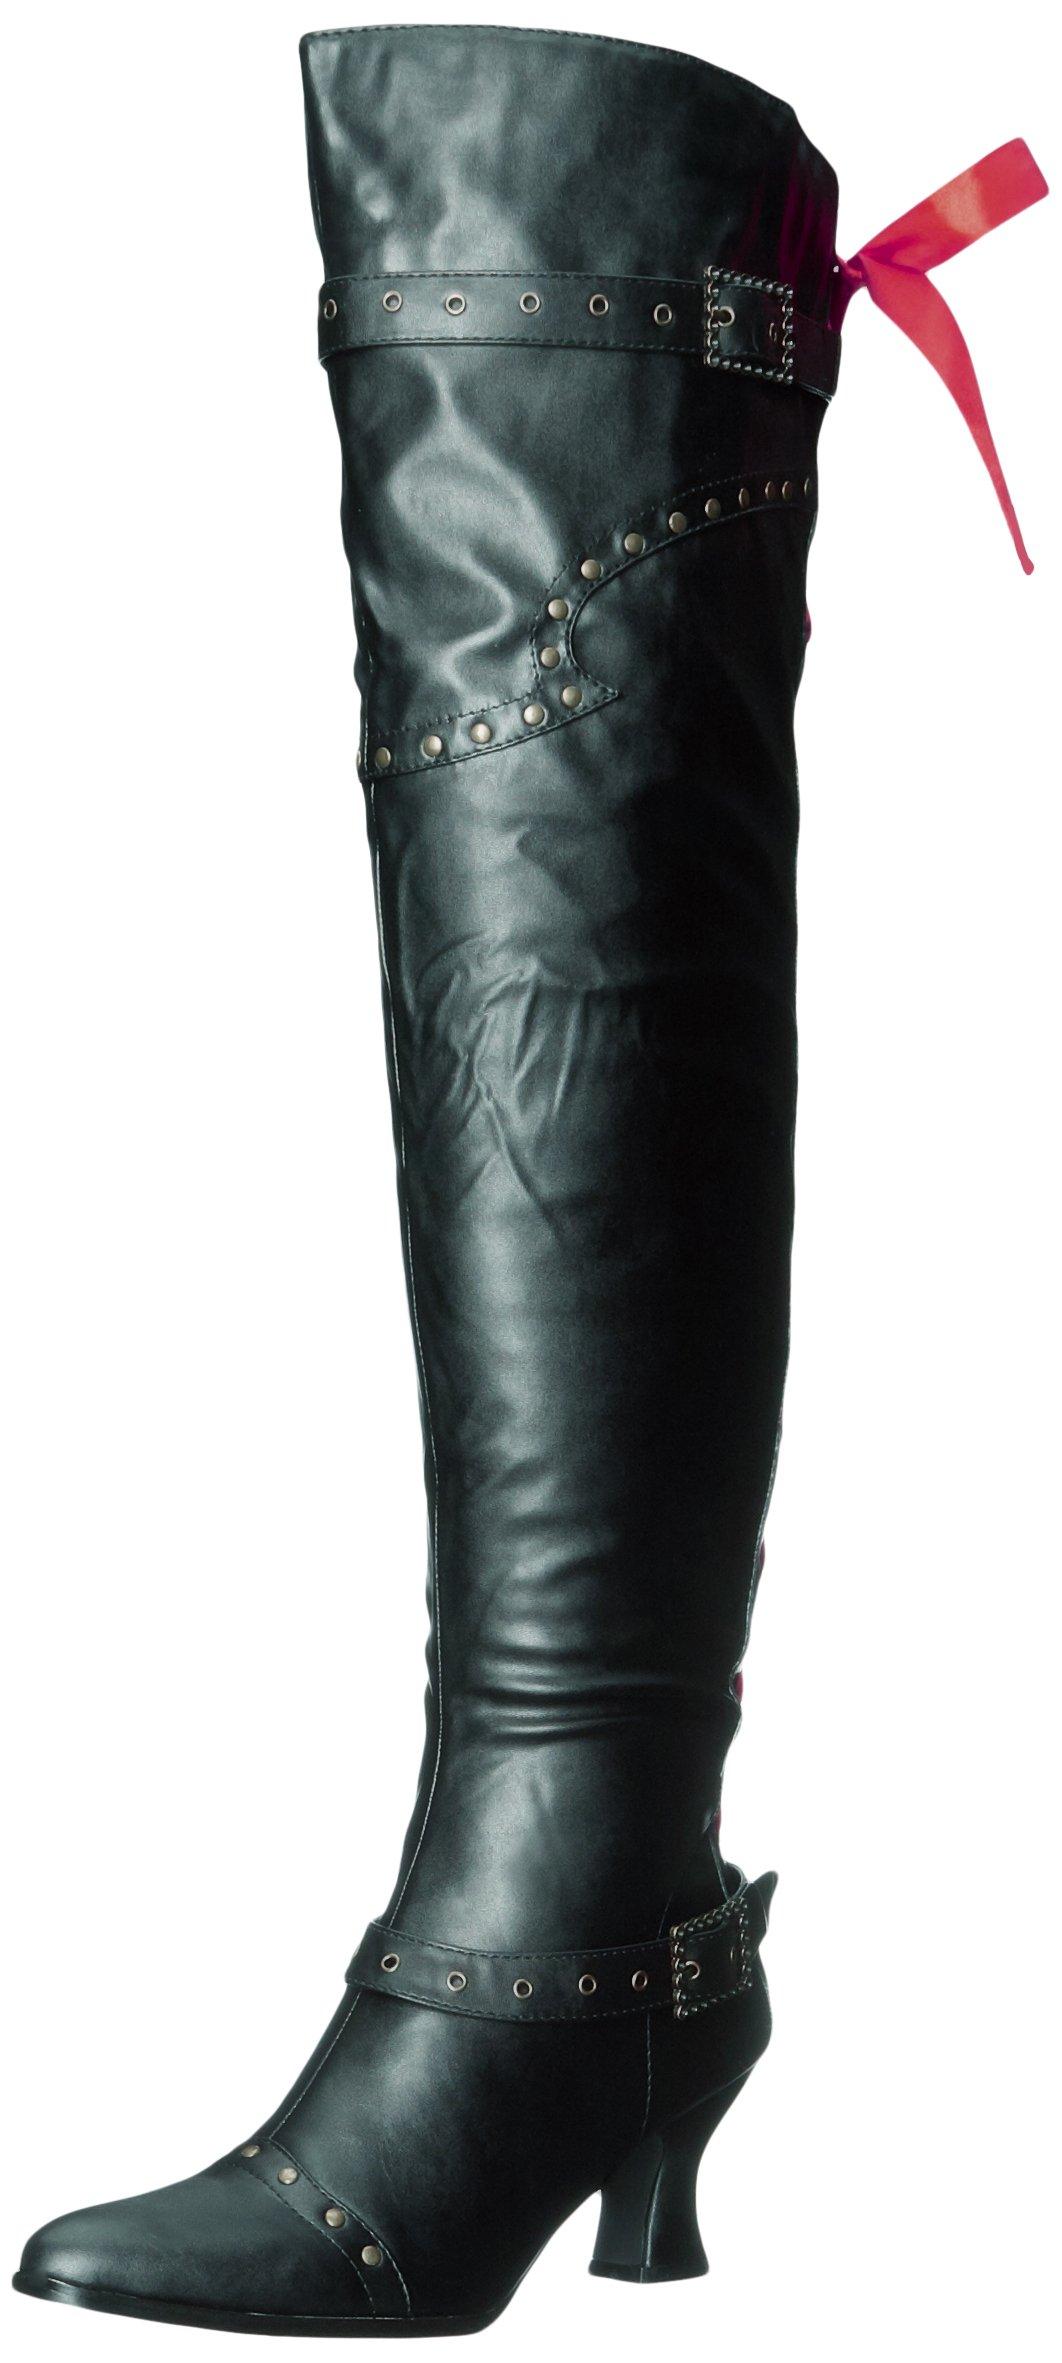 Ellie Shoes Women's 253-Treasure Boot, Black, 10 M US by Ellie Shoes